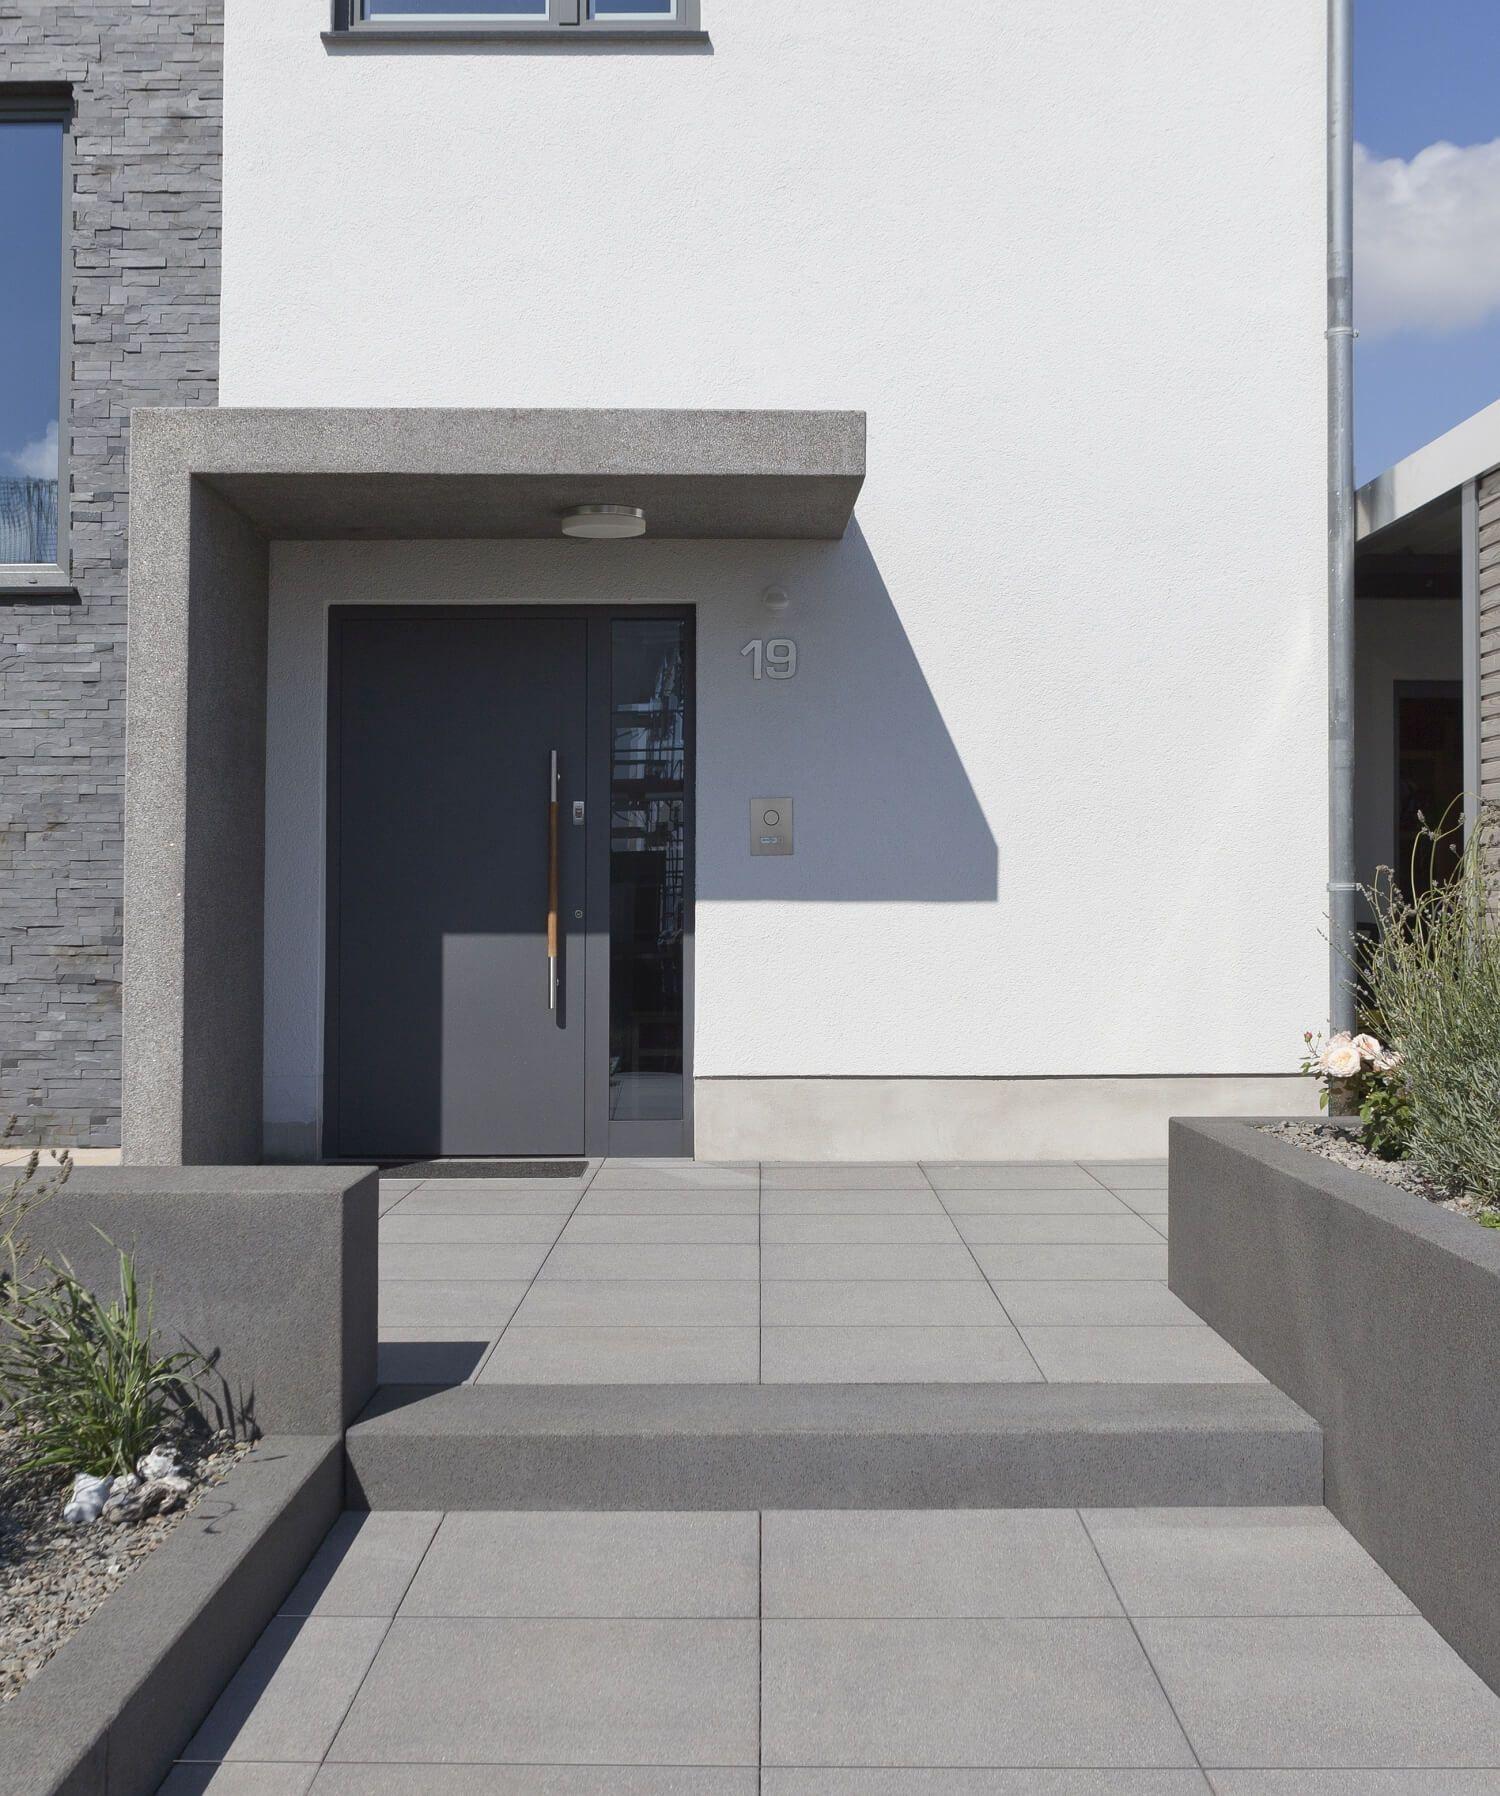 Eingangsbereich Haus Außen : eingangsbereich au entreppe rinn betonsteine und natursteine eingang in 2019 vordach ~ Watch28wear.com Haus und Dekorationen